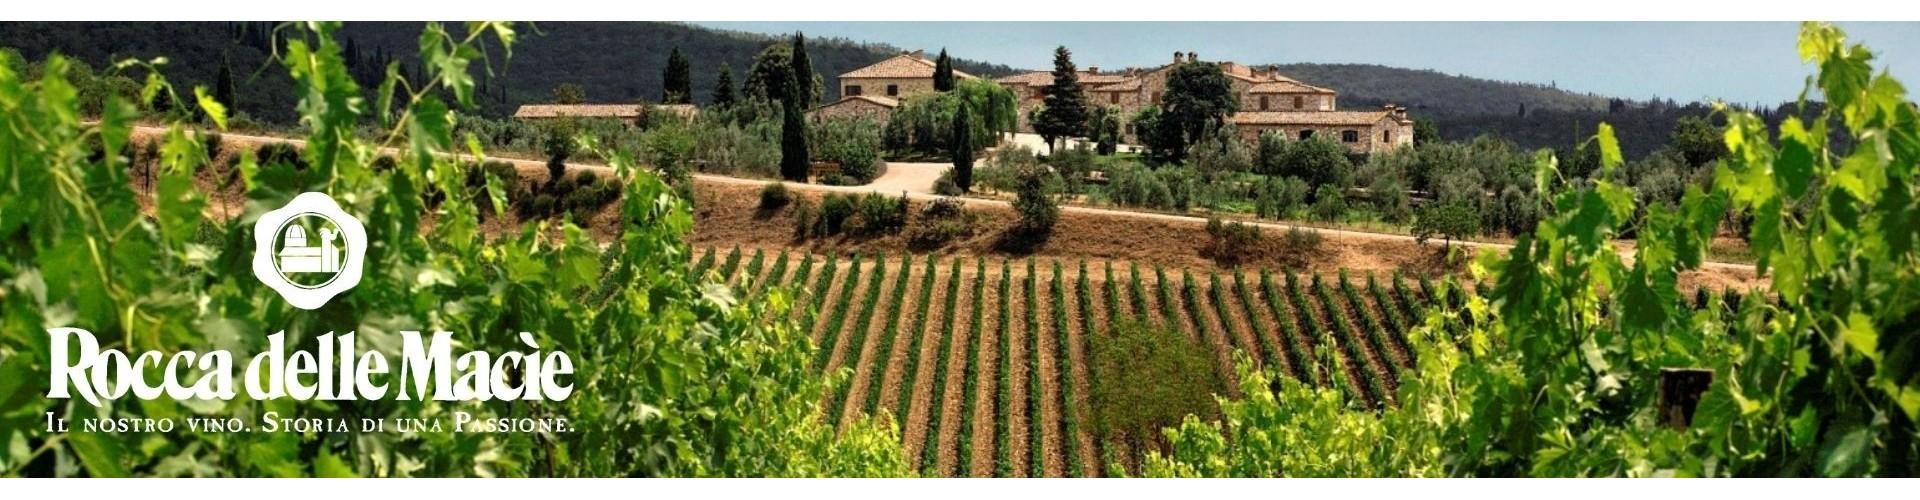 Wino Rocca delle Macie